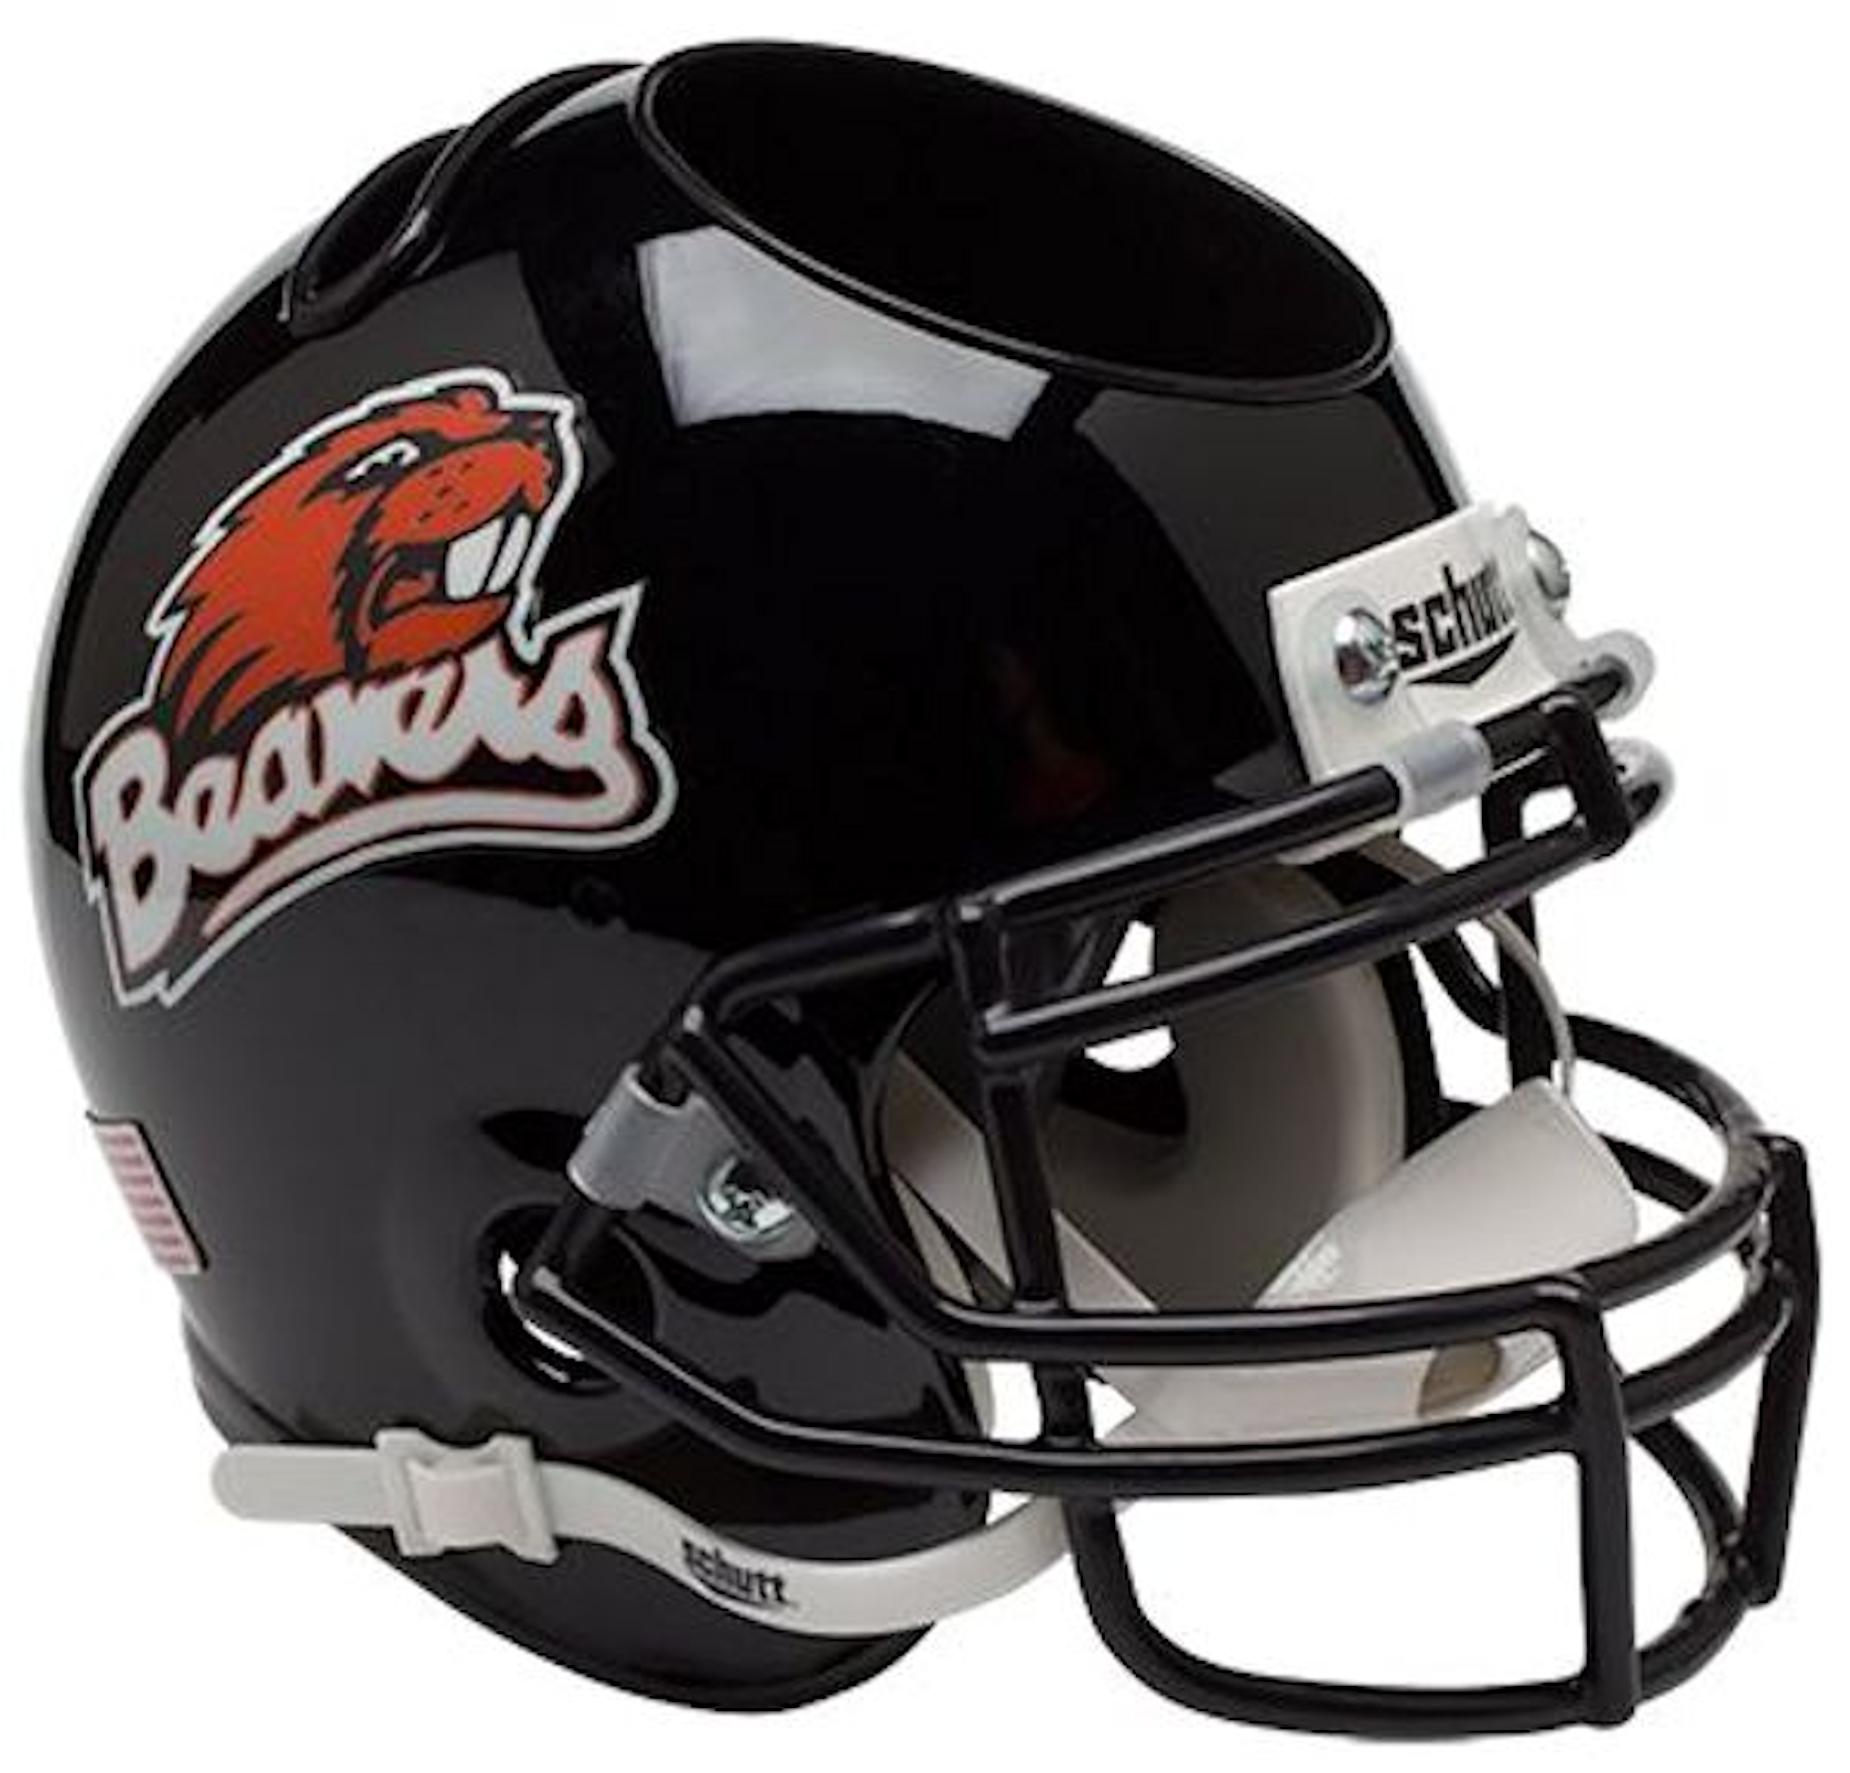 Oregon State Beavers Miniature Football Helmet Desk Caddy